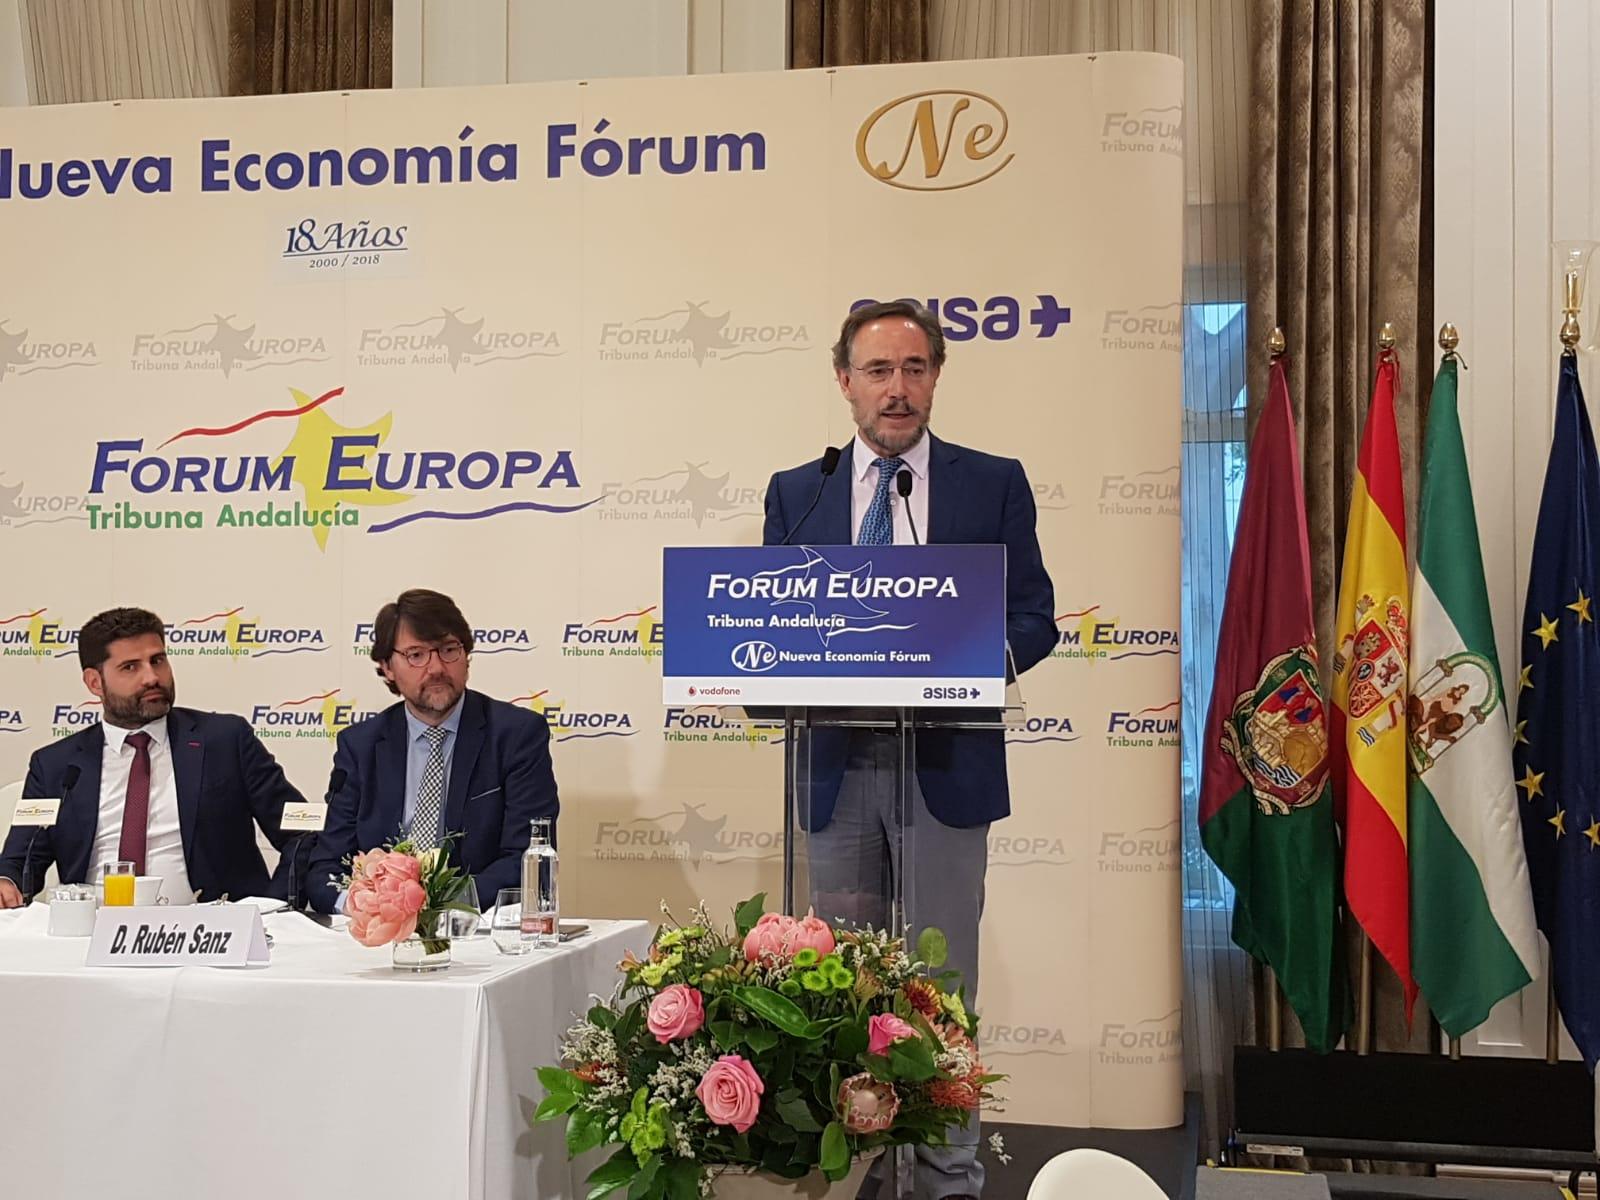 López anuncia 88 millones de inversión hasta 2020 para culminar la red de metro de Málaga y alcanzar así los 20 millones de usuarios